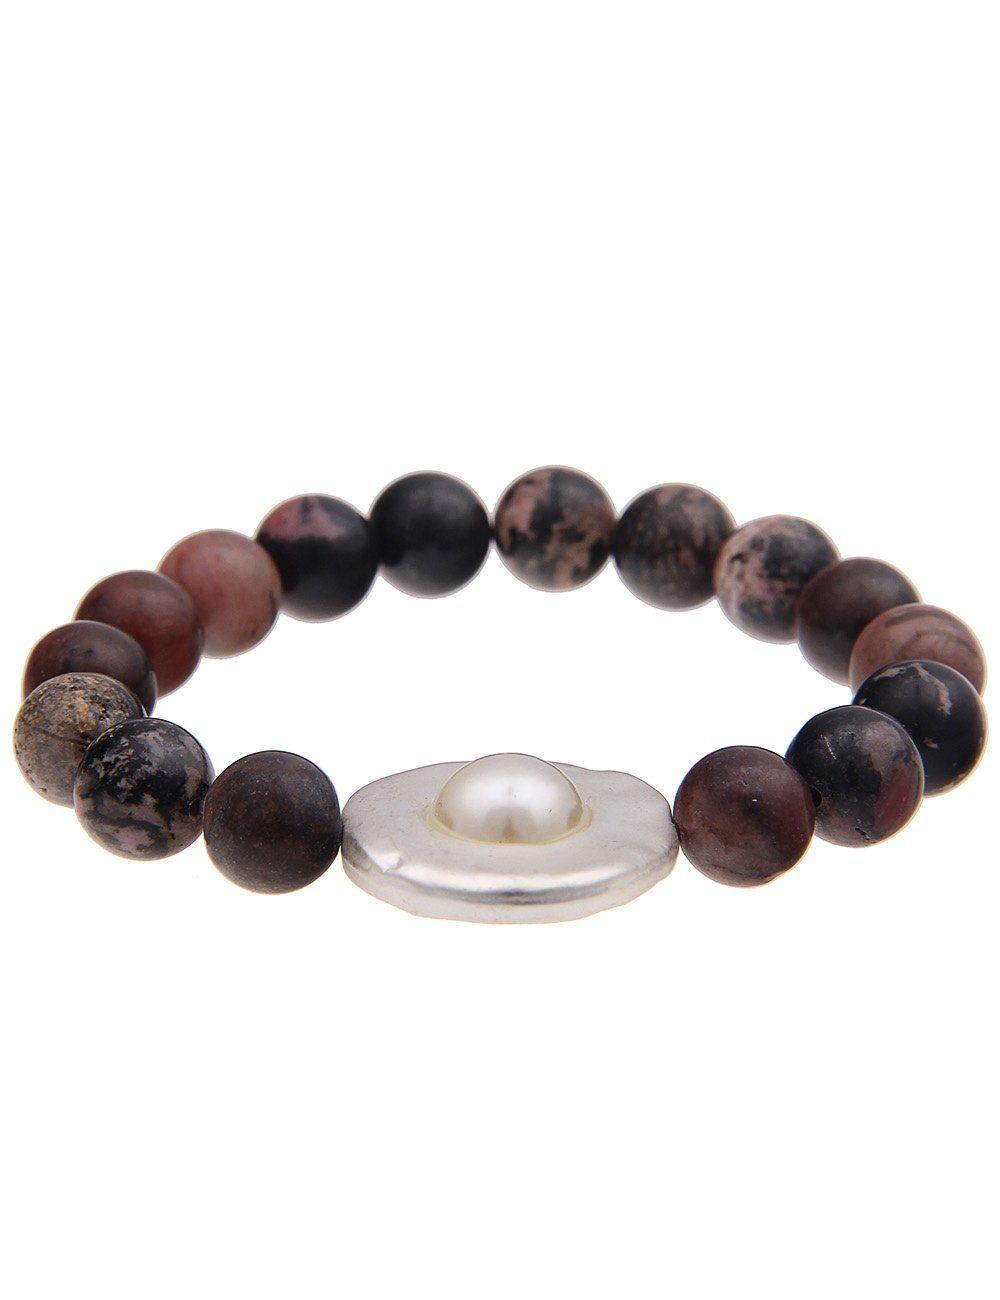 Leslii Armband mit Natursteinen